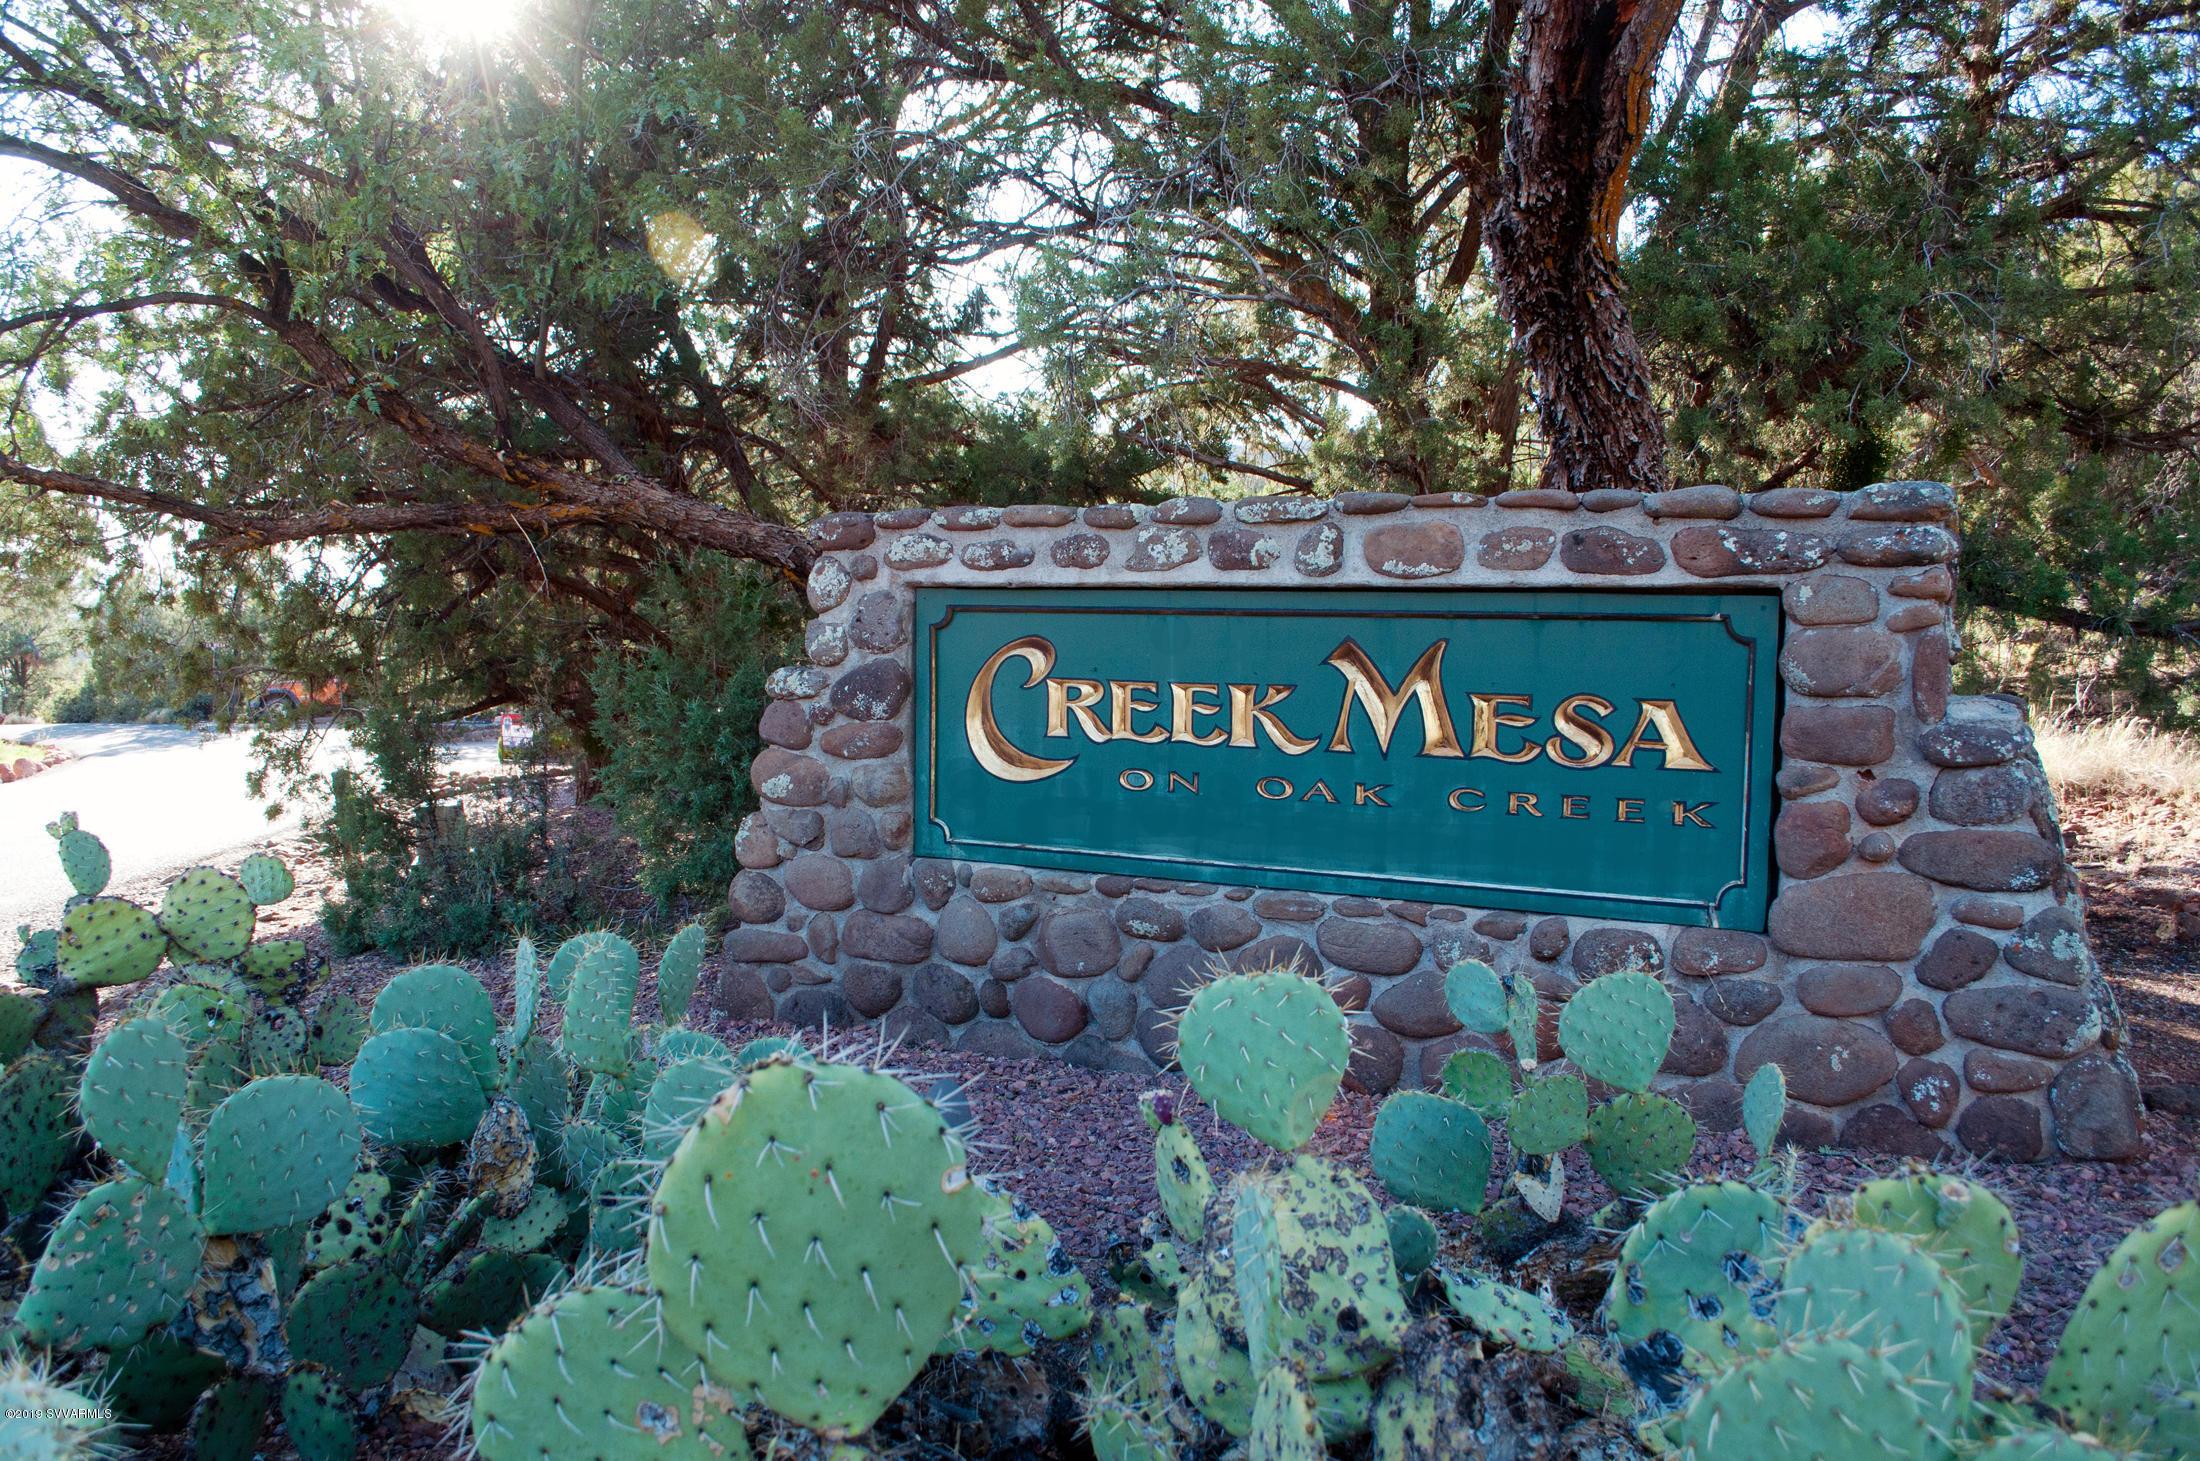 40 Rebecca Sedona, AZ 86336